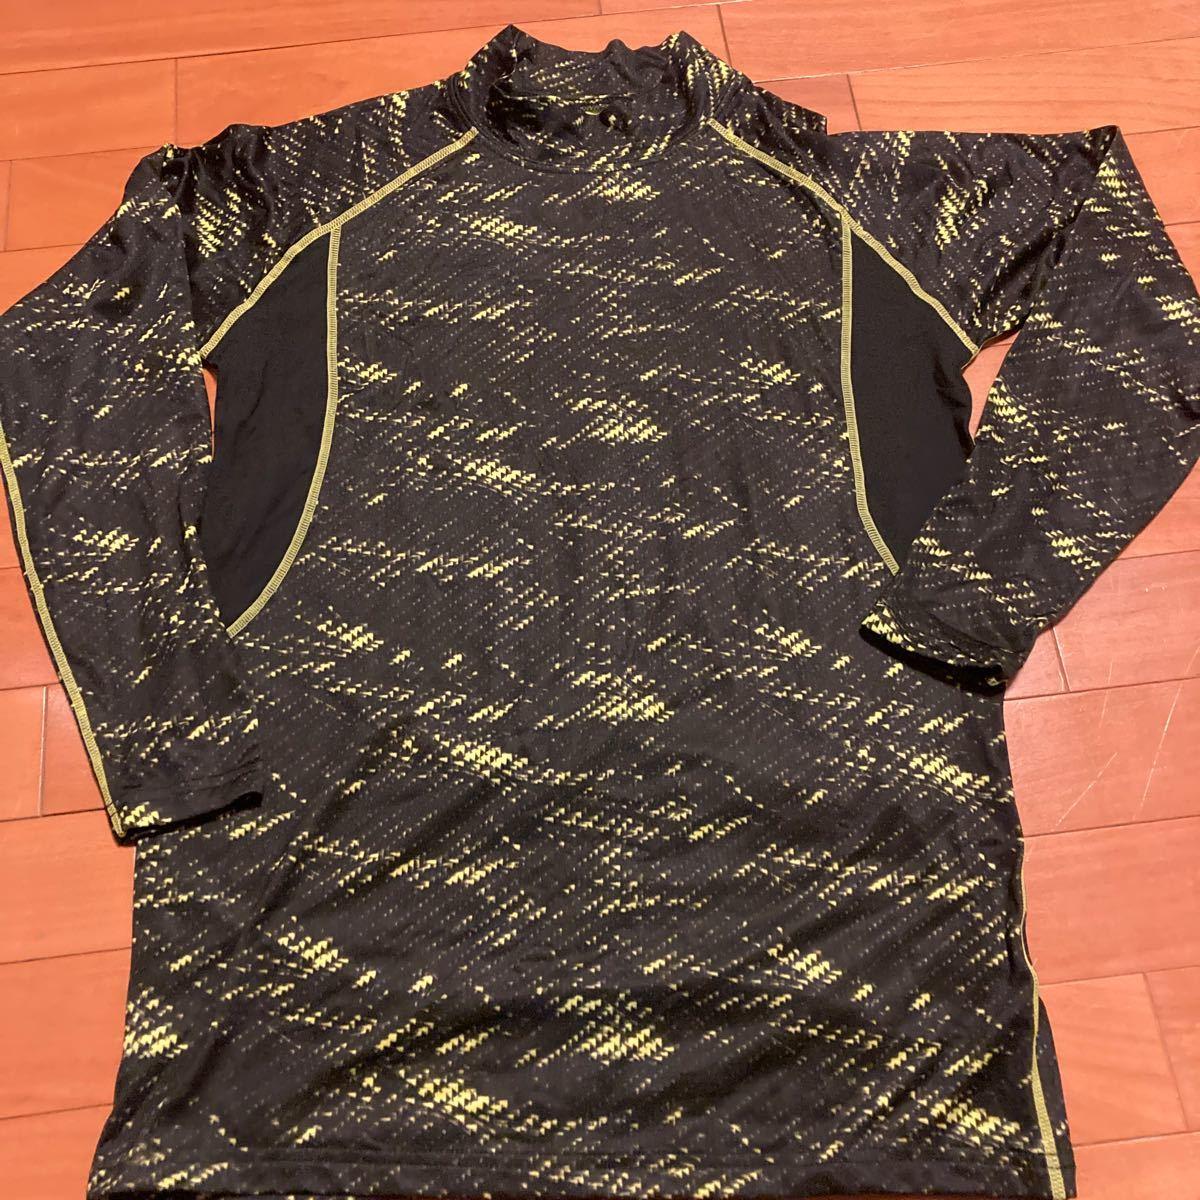 アンダーシャツ 長袖 サイズL 黄色×黒